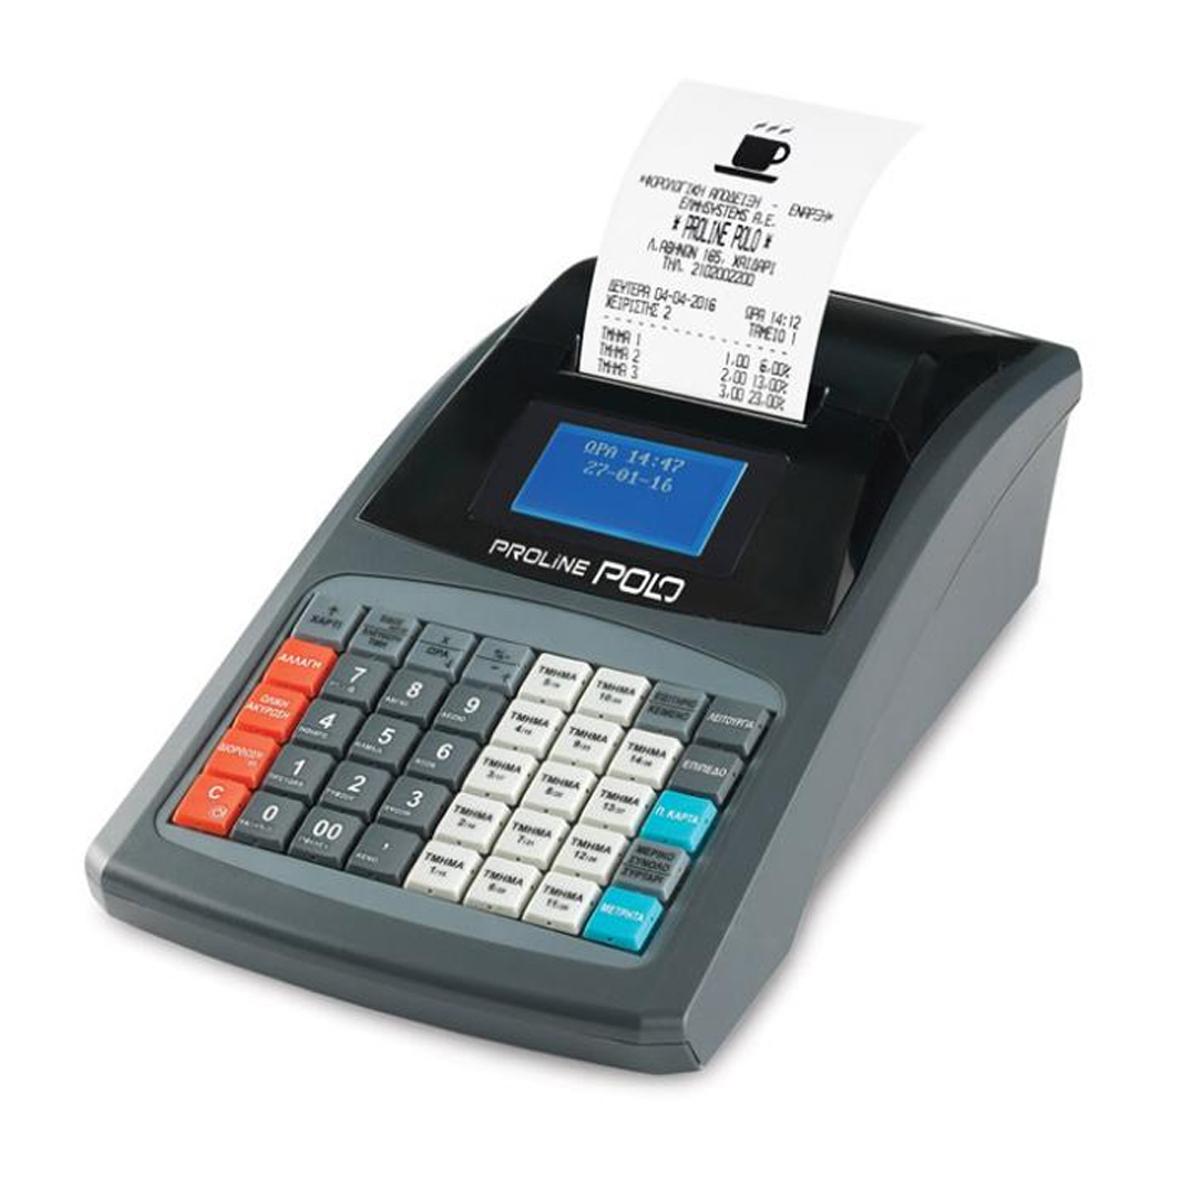 Φορολογική-Ταμειακή-Μηχανή-PROLINE-Polo-15